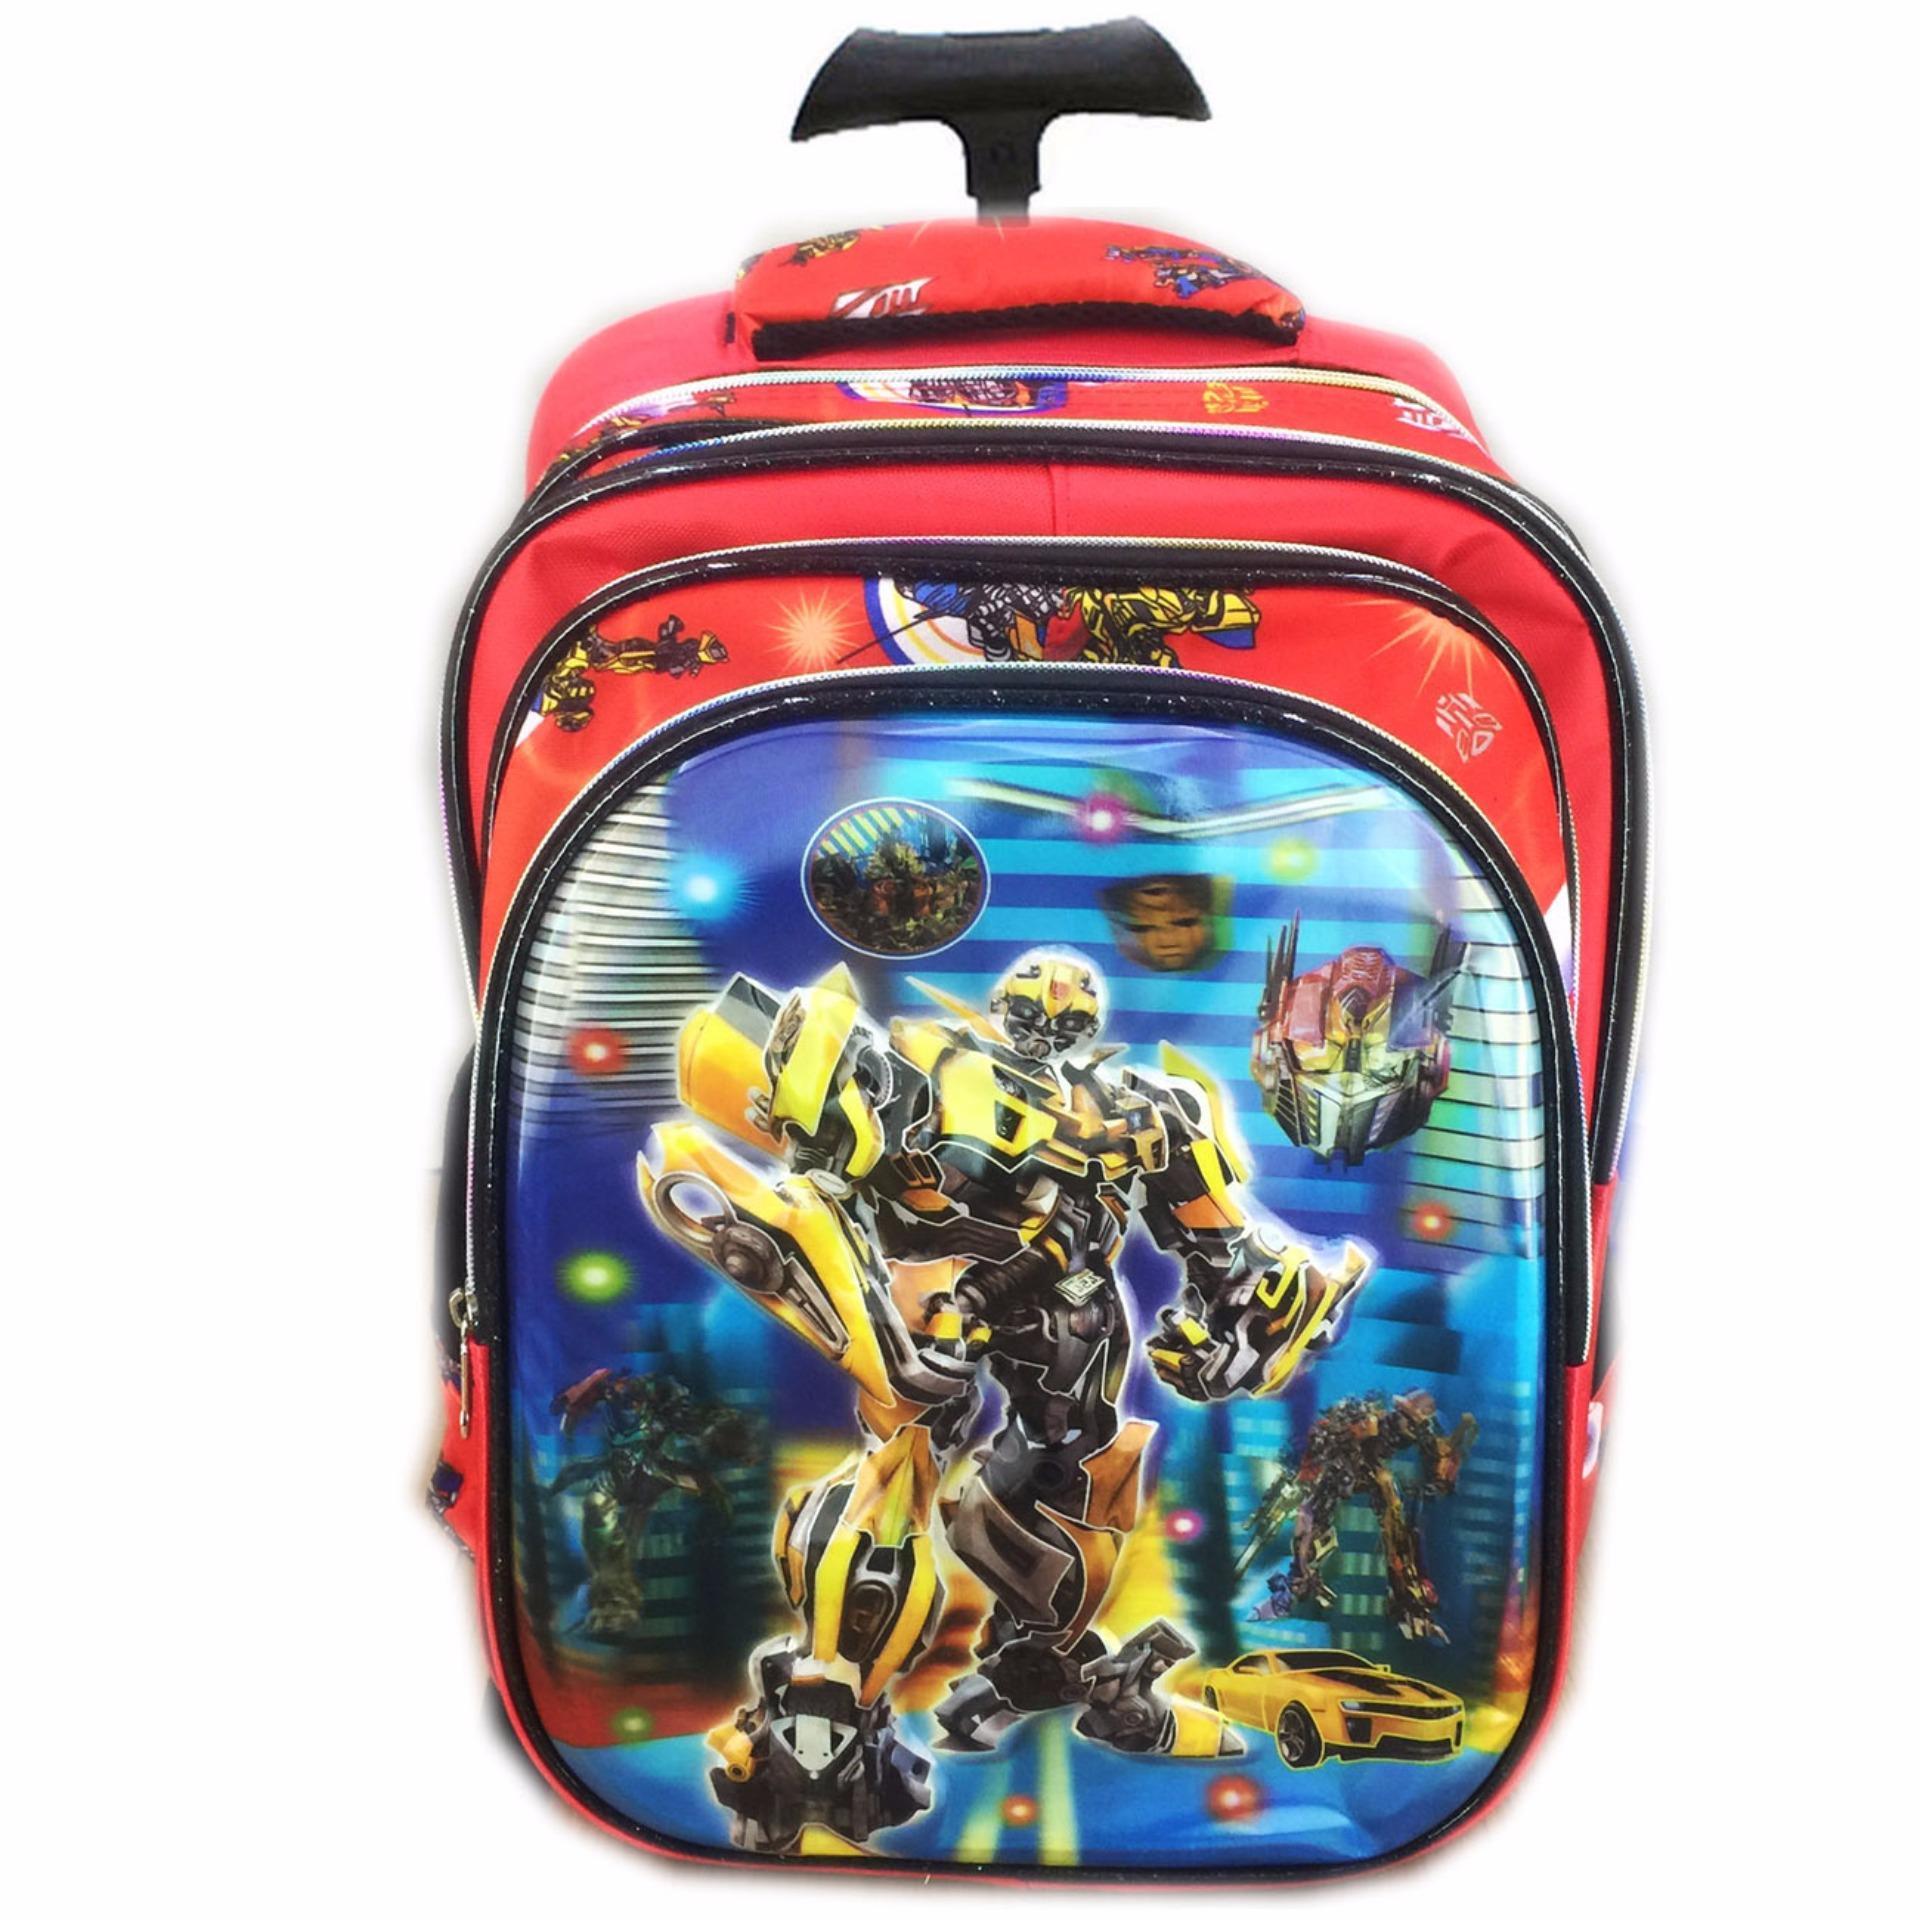 Ada Tempat Belanja Online Aman Dan Terpercaya Tas Sekolah Anak Sd I Trolley Transformers Kuat Bahan Nya Import Bgc 5 Dimensi Transformer Bumblebee Vs Optimus Primeimport Troleyanak Red